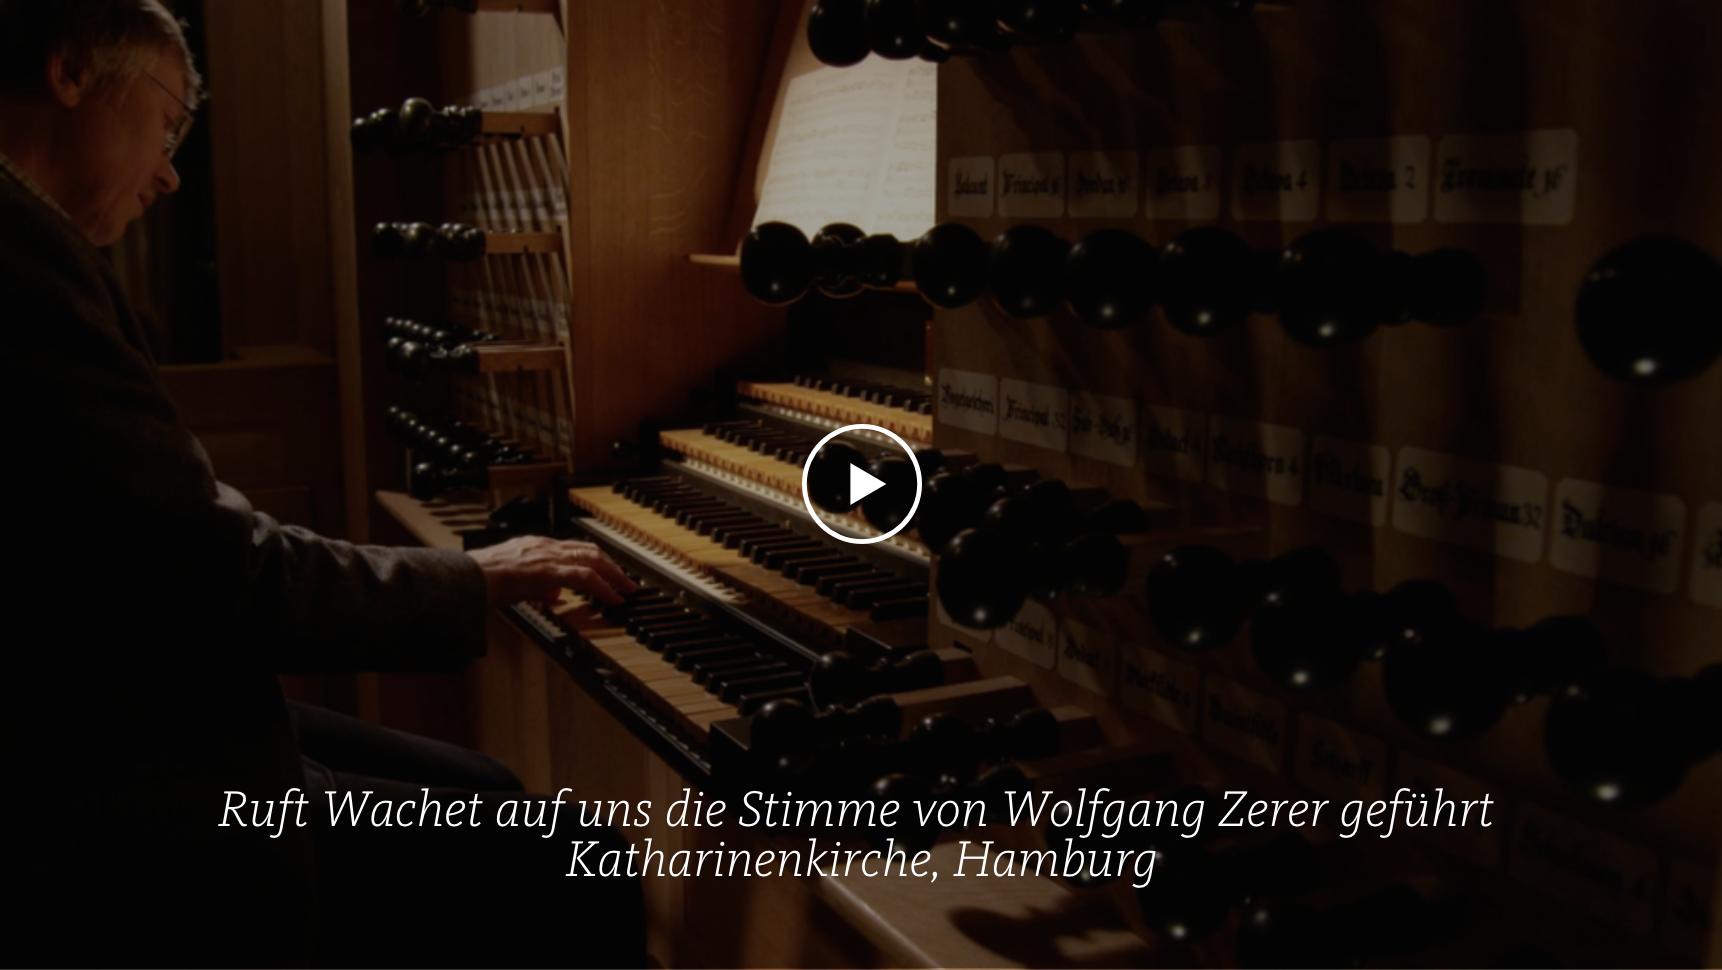 ALL OF BACH BWV 645 Wachet auf ruft uns die Stimme